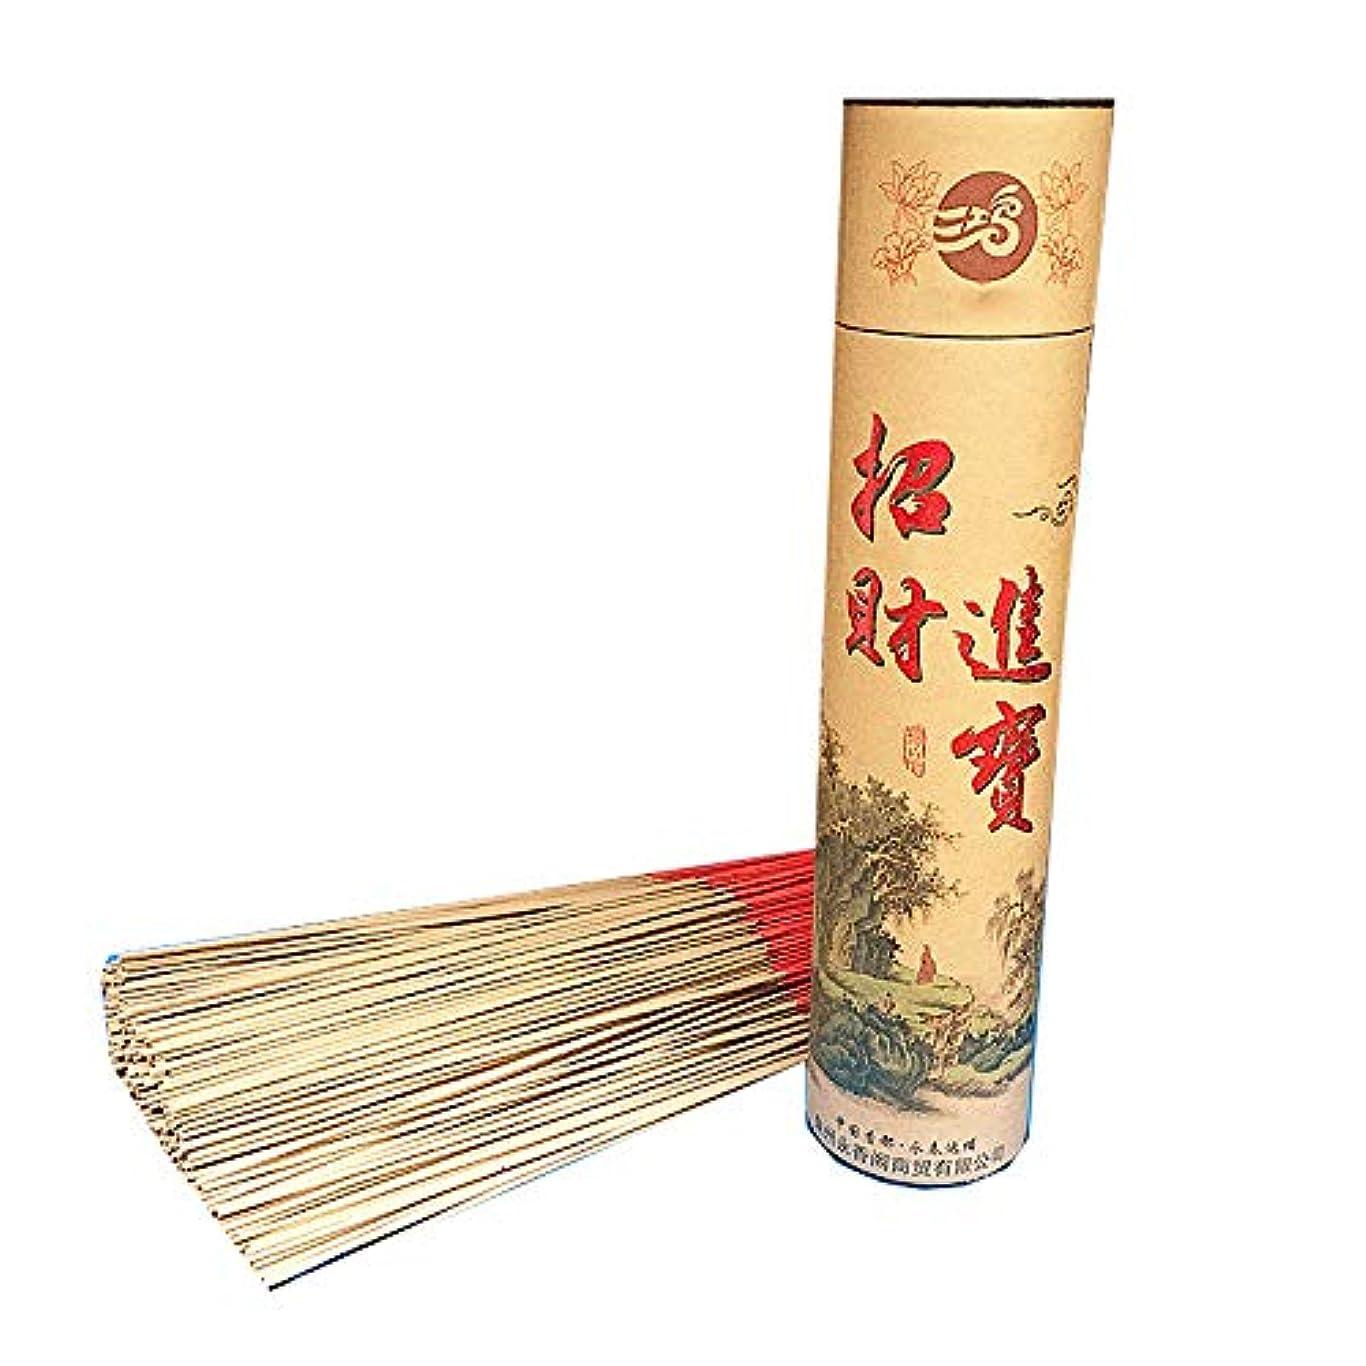 ピース流す偏見ZeeStar チャイニーズジョススティック 無香 香料 香りなし 香りつき 香りつき ジョススティック 13インチ(480本)